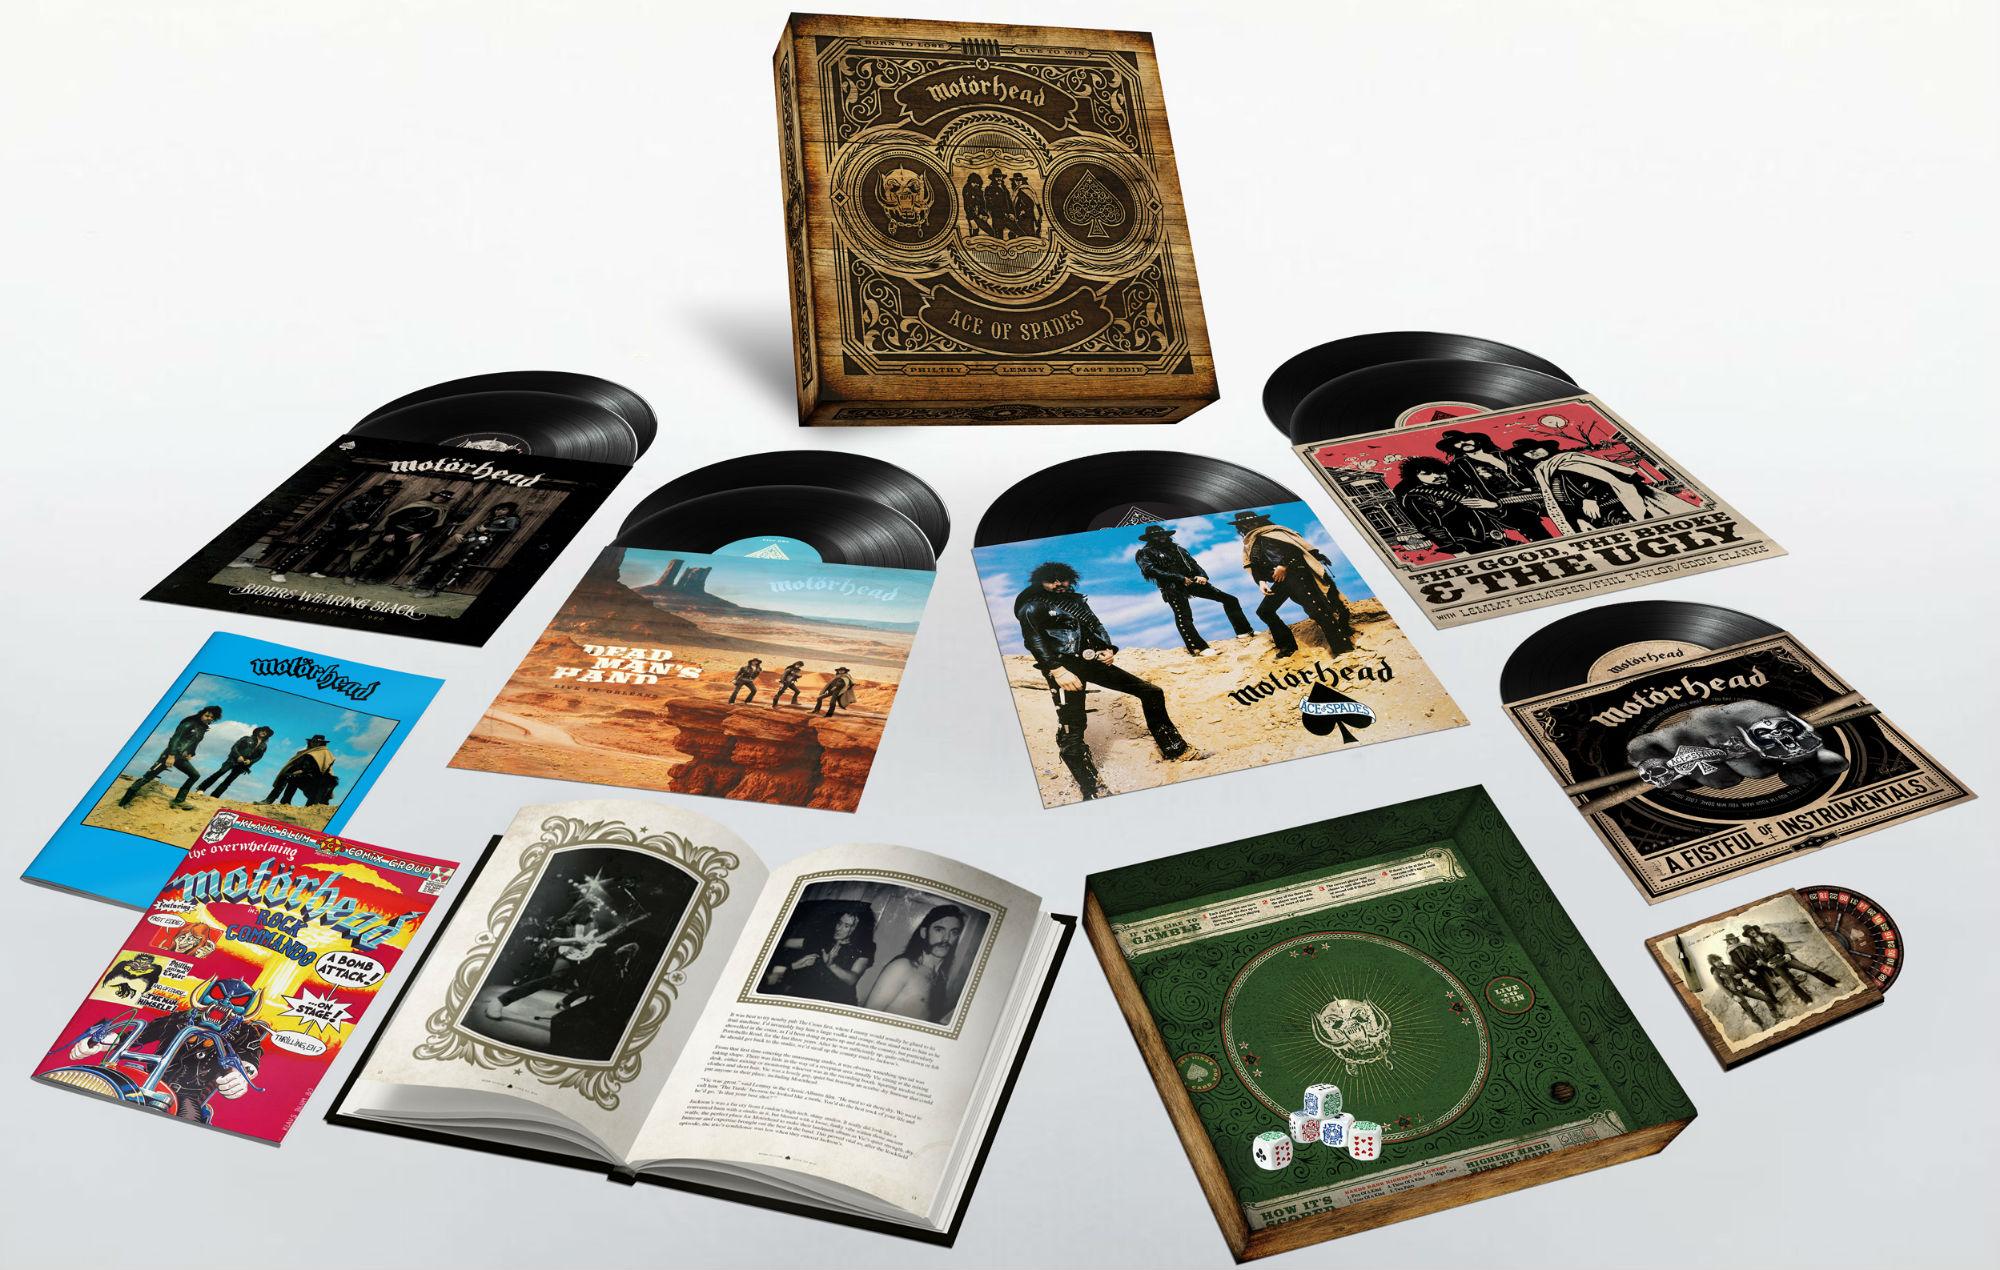 Motörhead's 'Ace Of Spades' box set